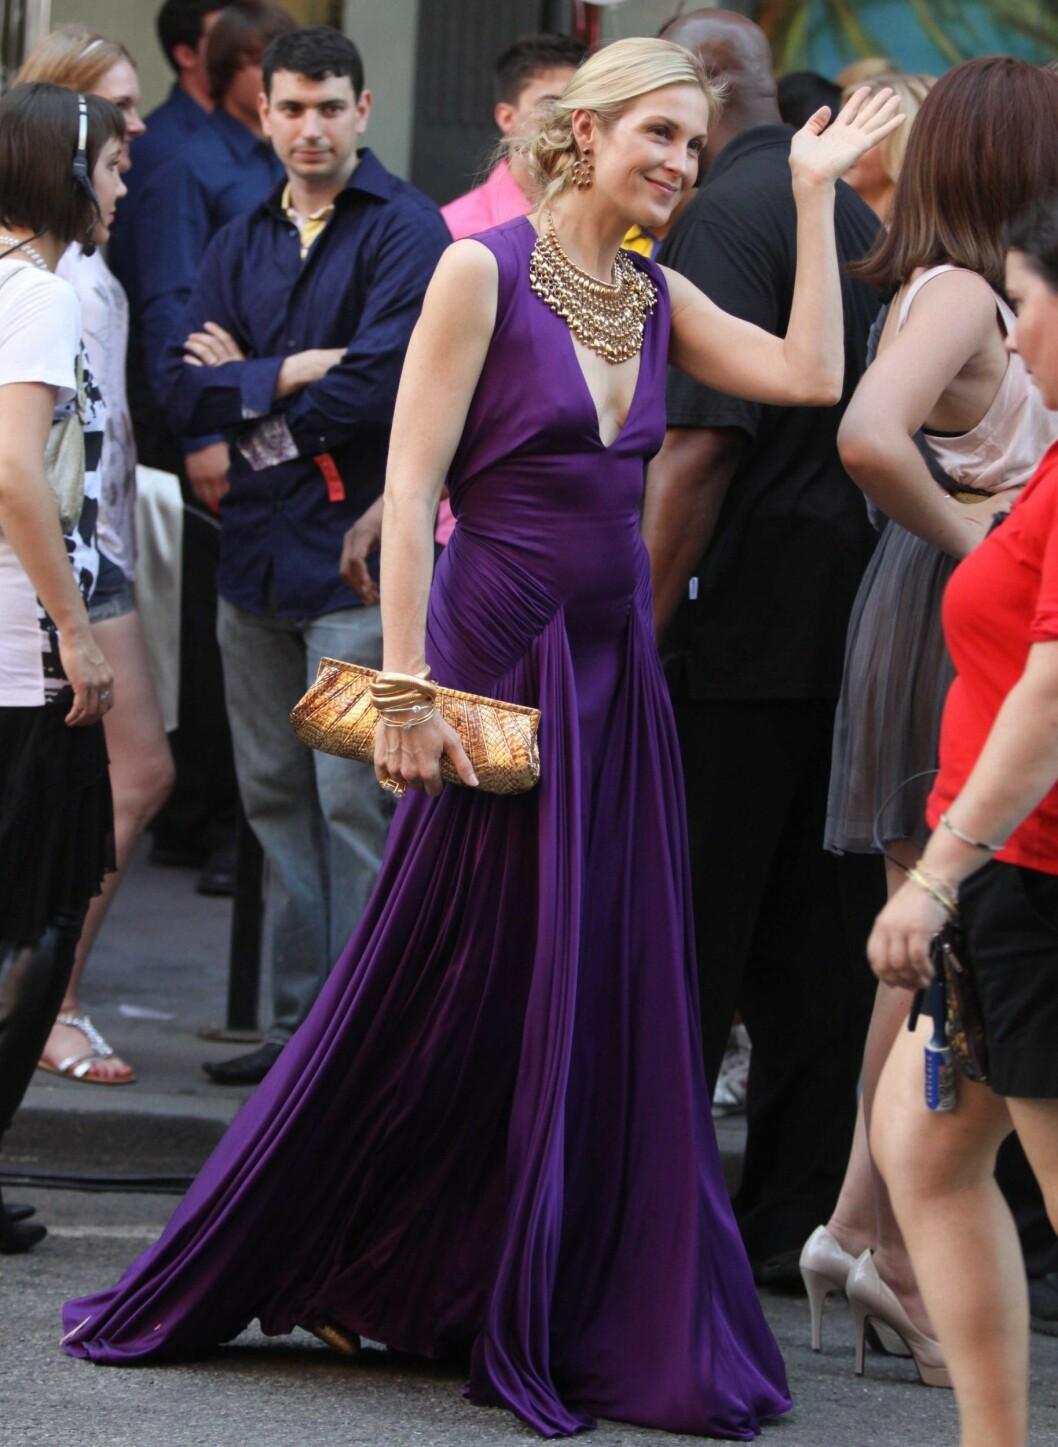 Kelly Rutherford ser elegant ut i denne lange, lilla festkjolen. Legg merke til de store smykkene! Smekkekjedetrenden fortsetter.  Foto: All Over Press